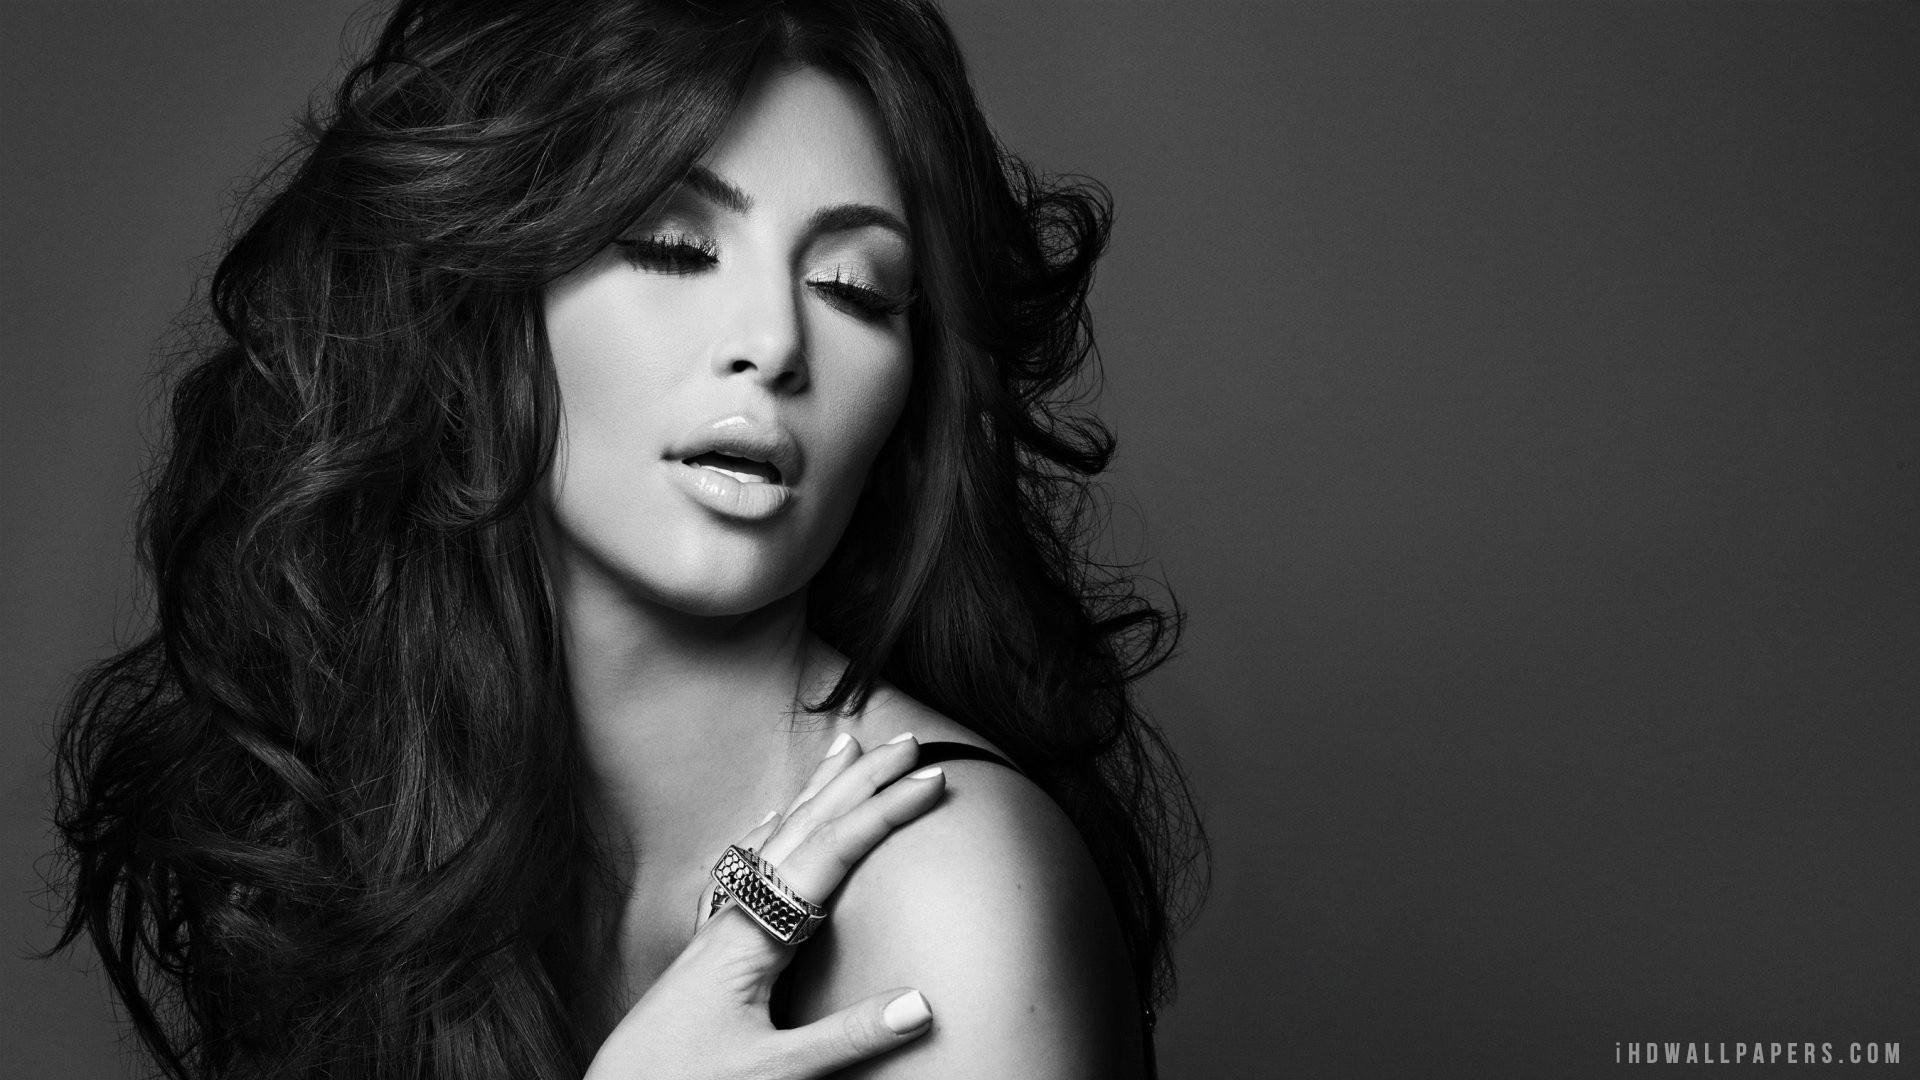 Kim Kardashian Wallpaper 1920x1080